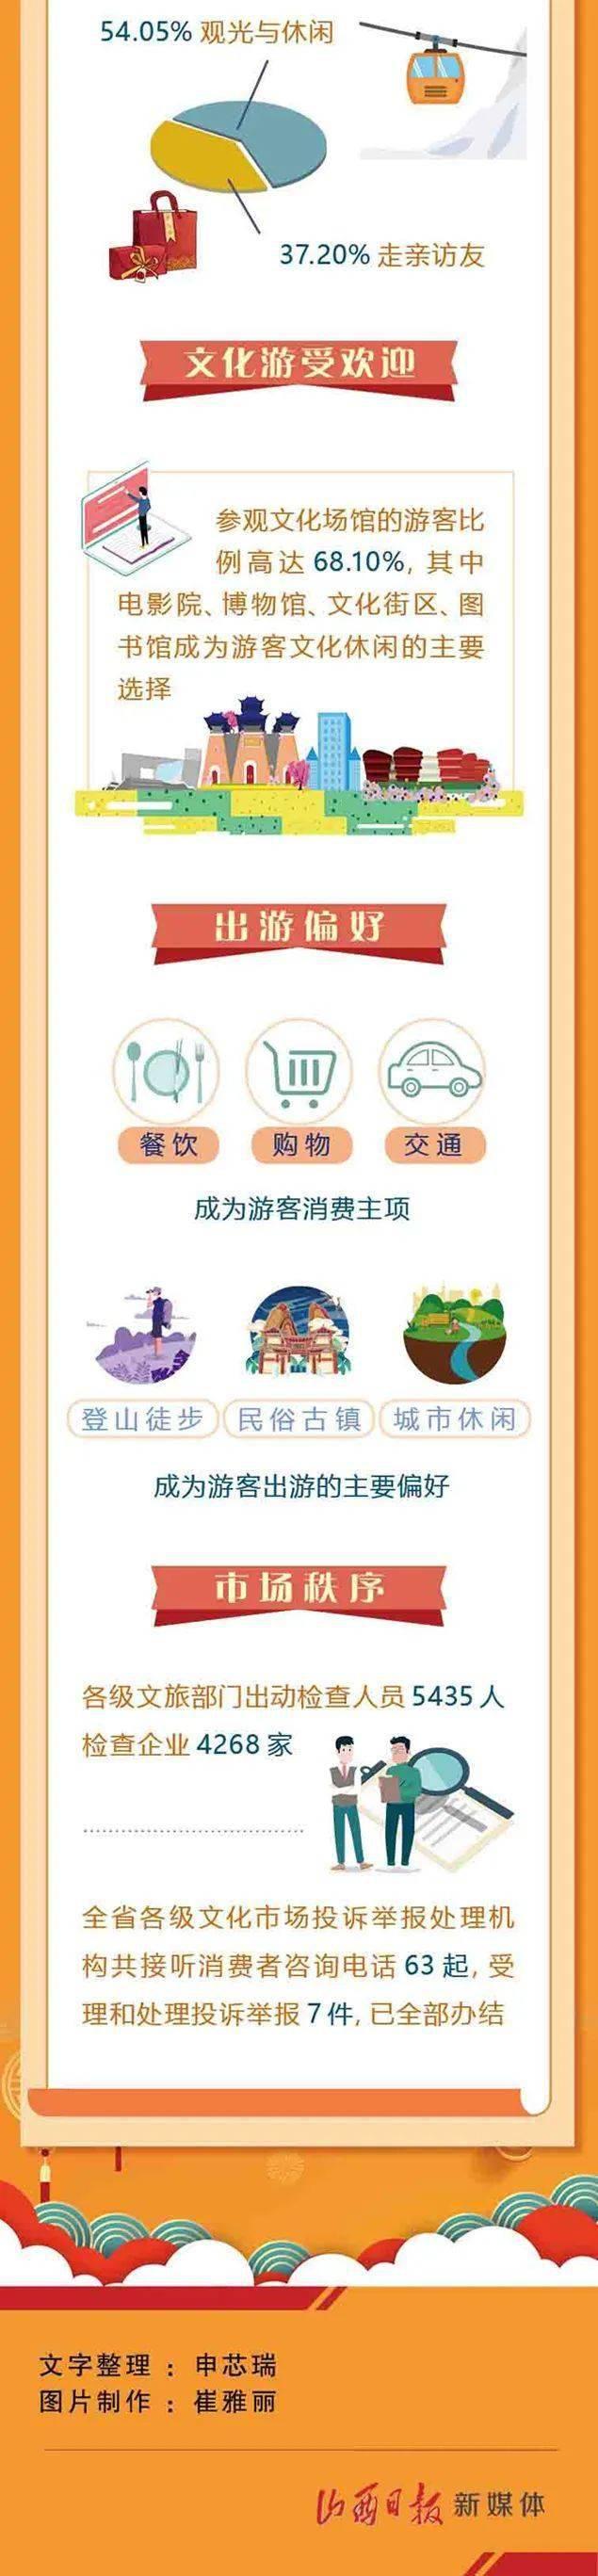 """图解丨112.14亿元!山西旅游""""亮""""出春节成绩单  第3张"""